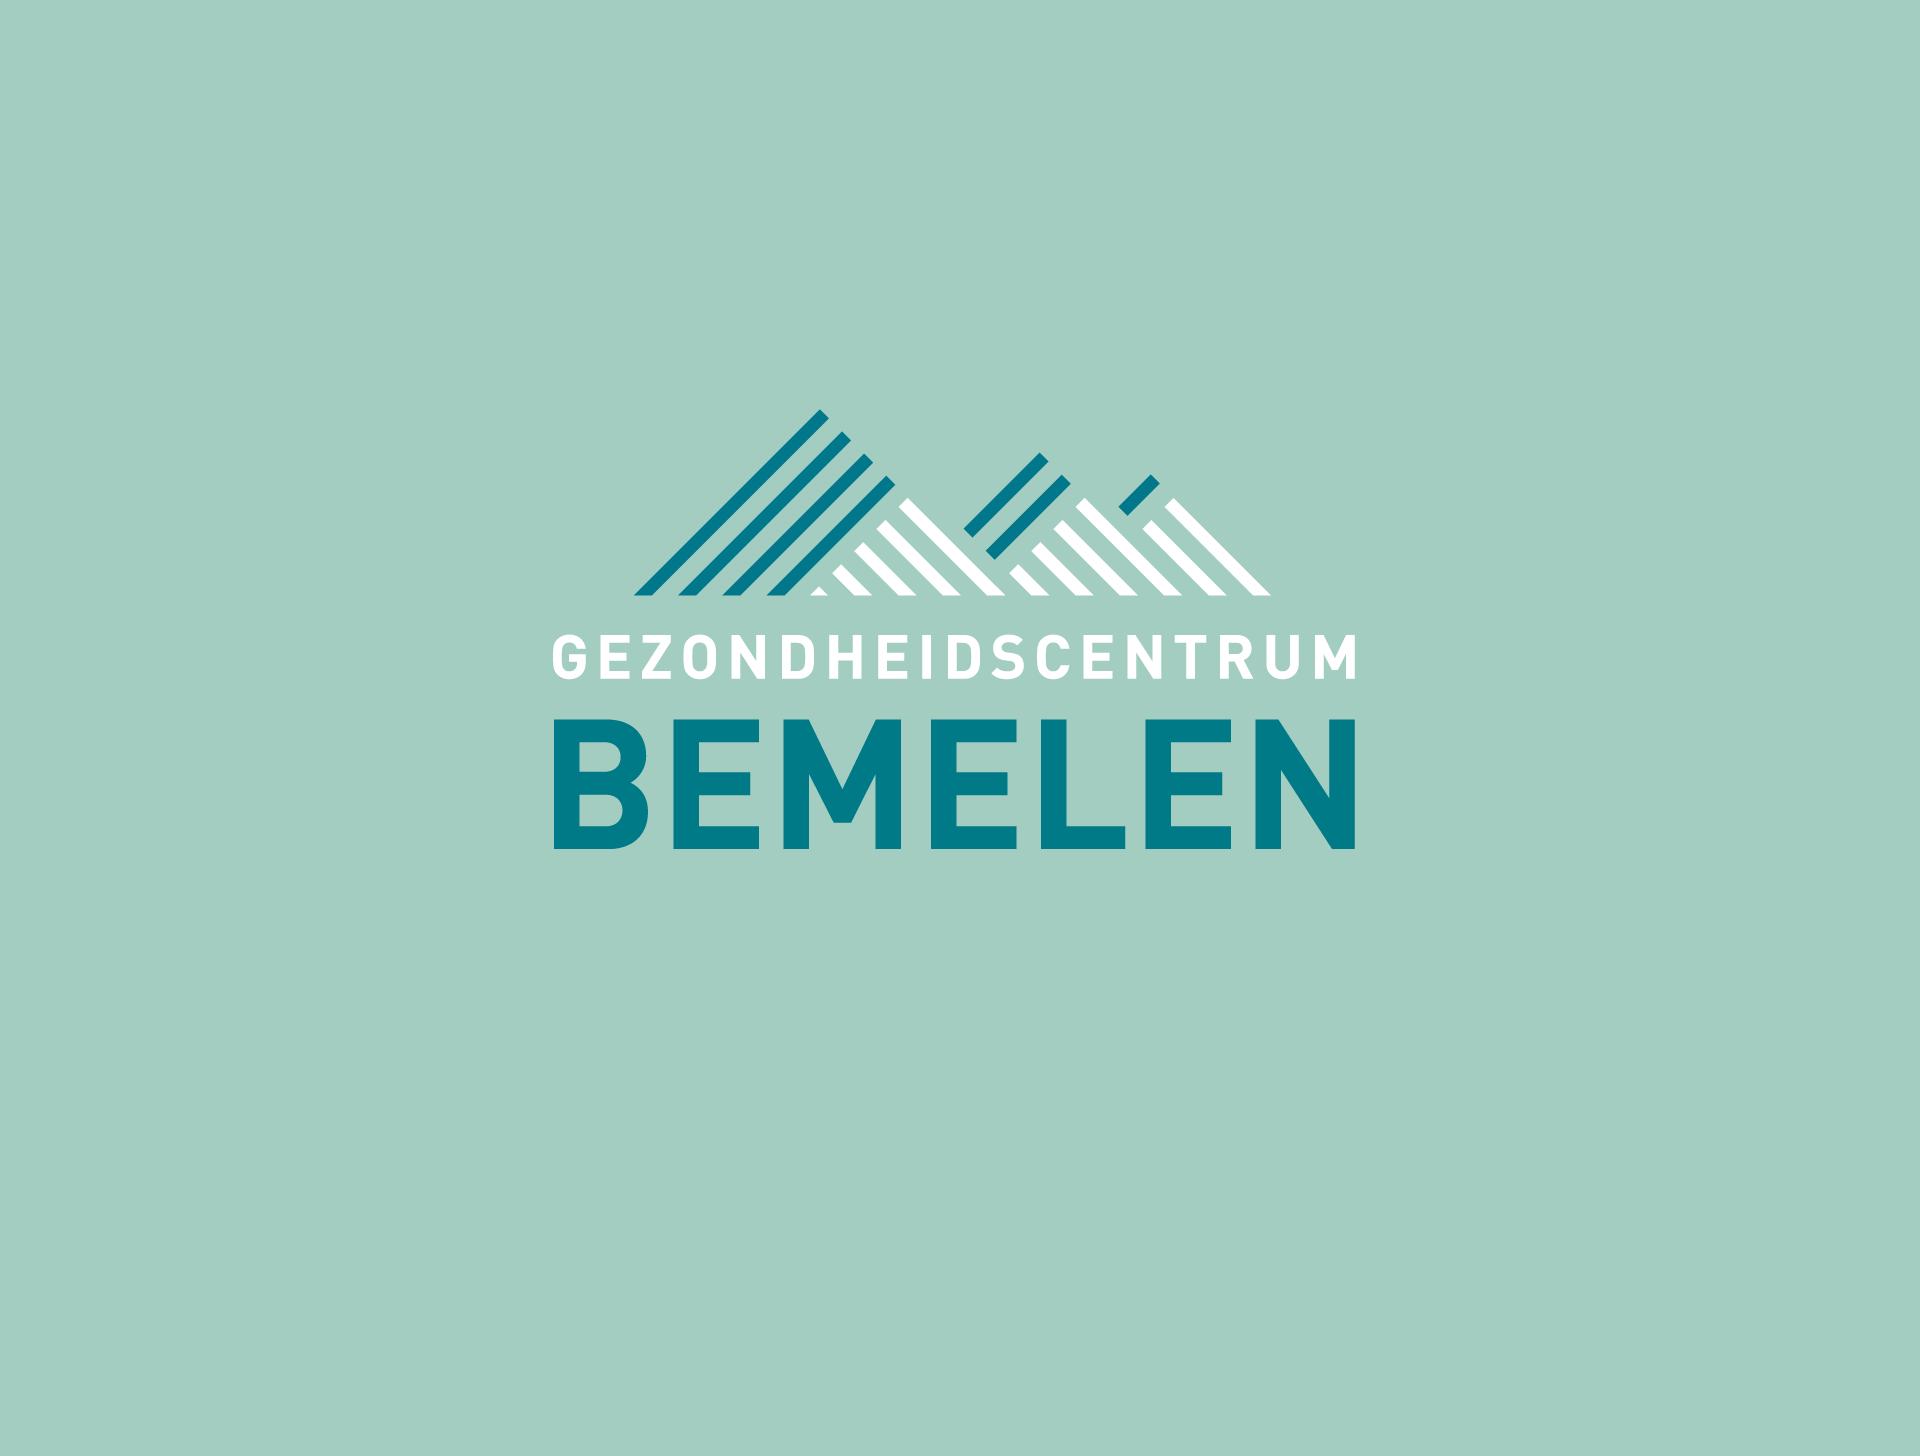 Gezondheidscentrum Bemelen - logo ontwerp